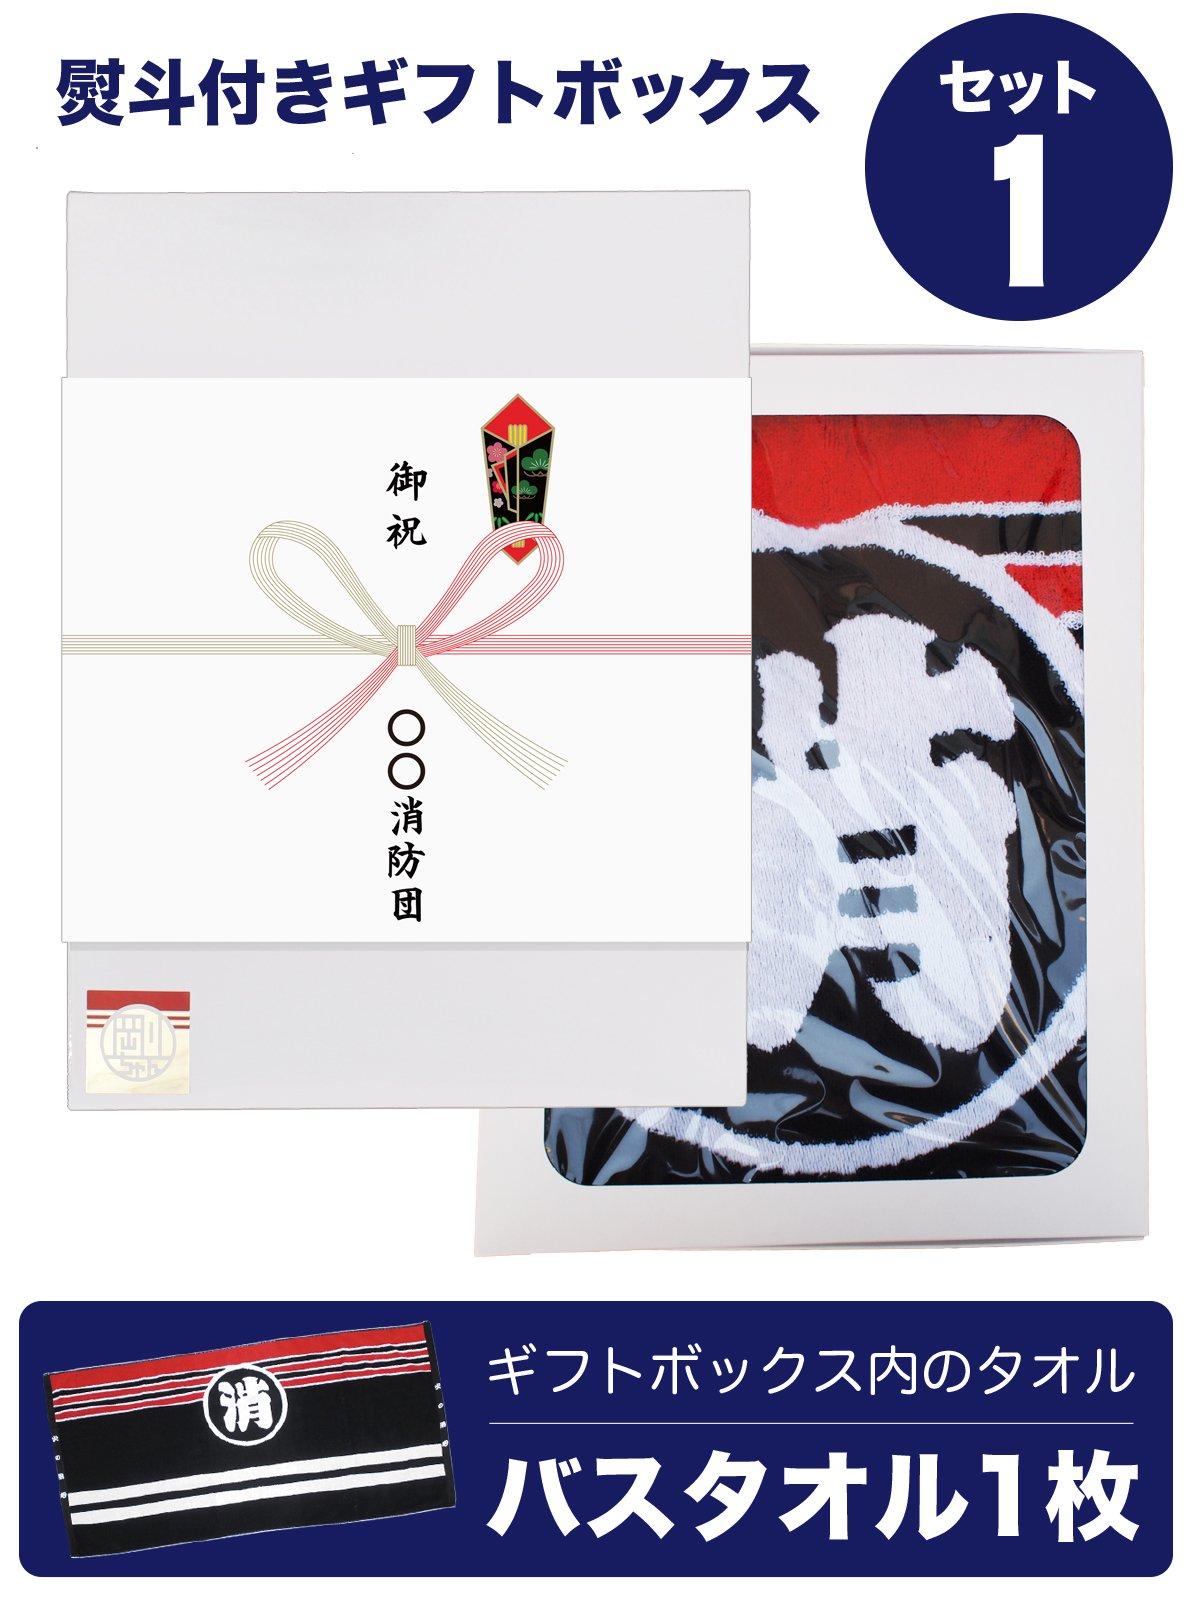 消防団法被デザインタオル用熨斗・ギフトボックス【単品購入不可】【画像4】